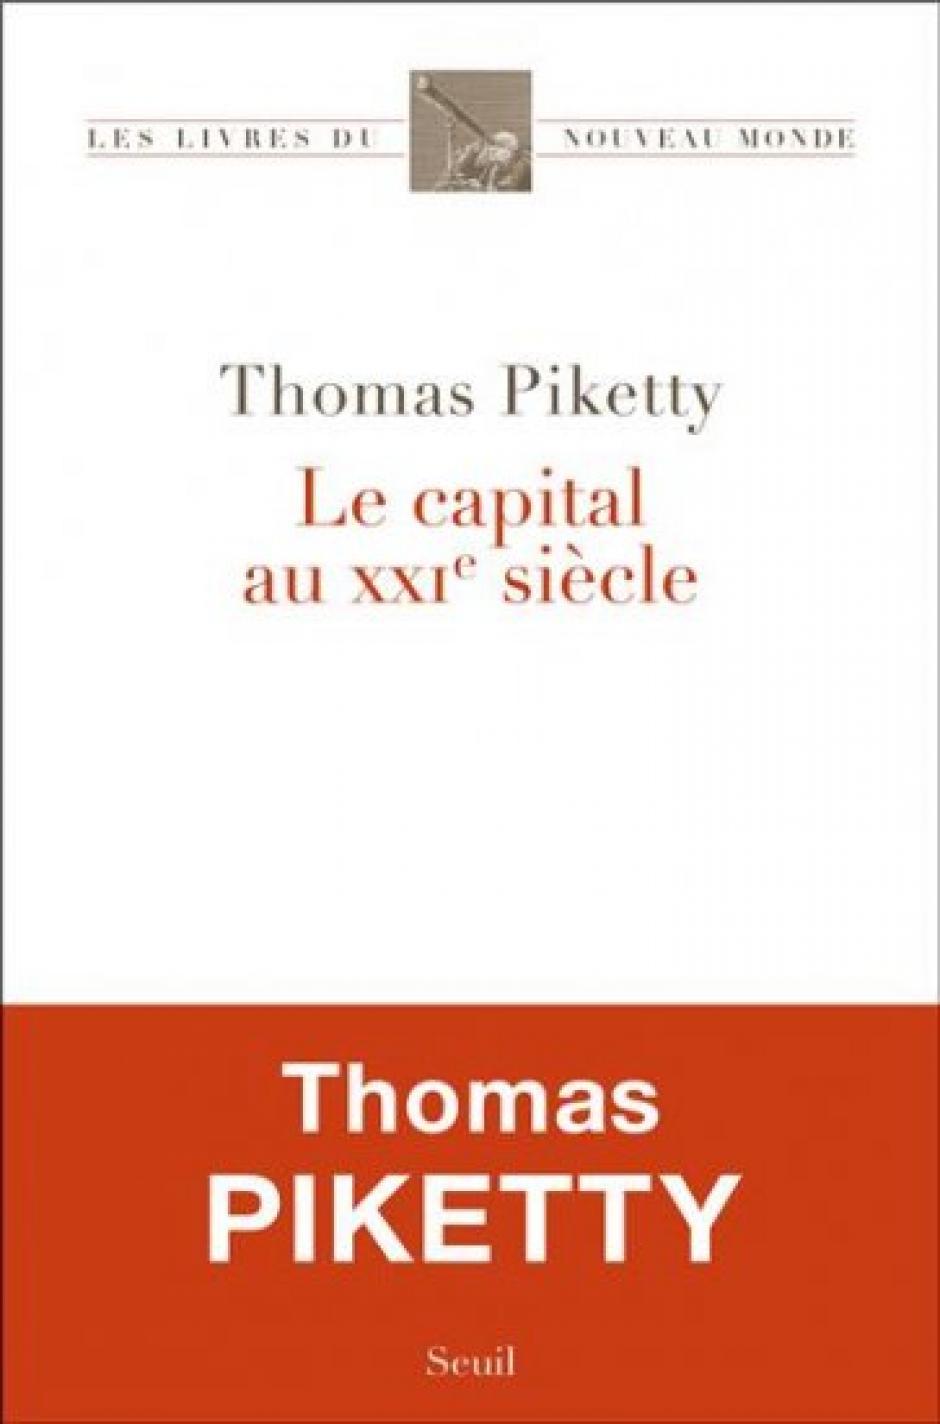 Le Capital au XXIe siècle Un ouvrage au cœur du débat politique,  Igor Martinache